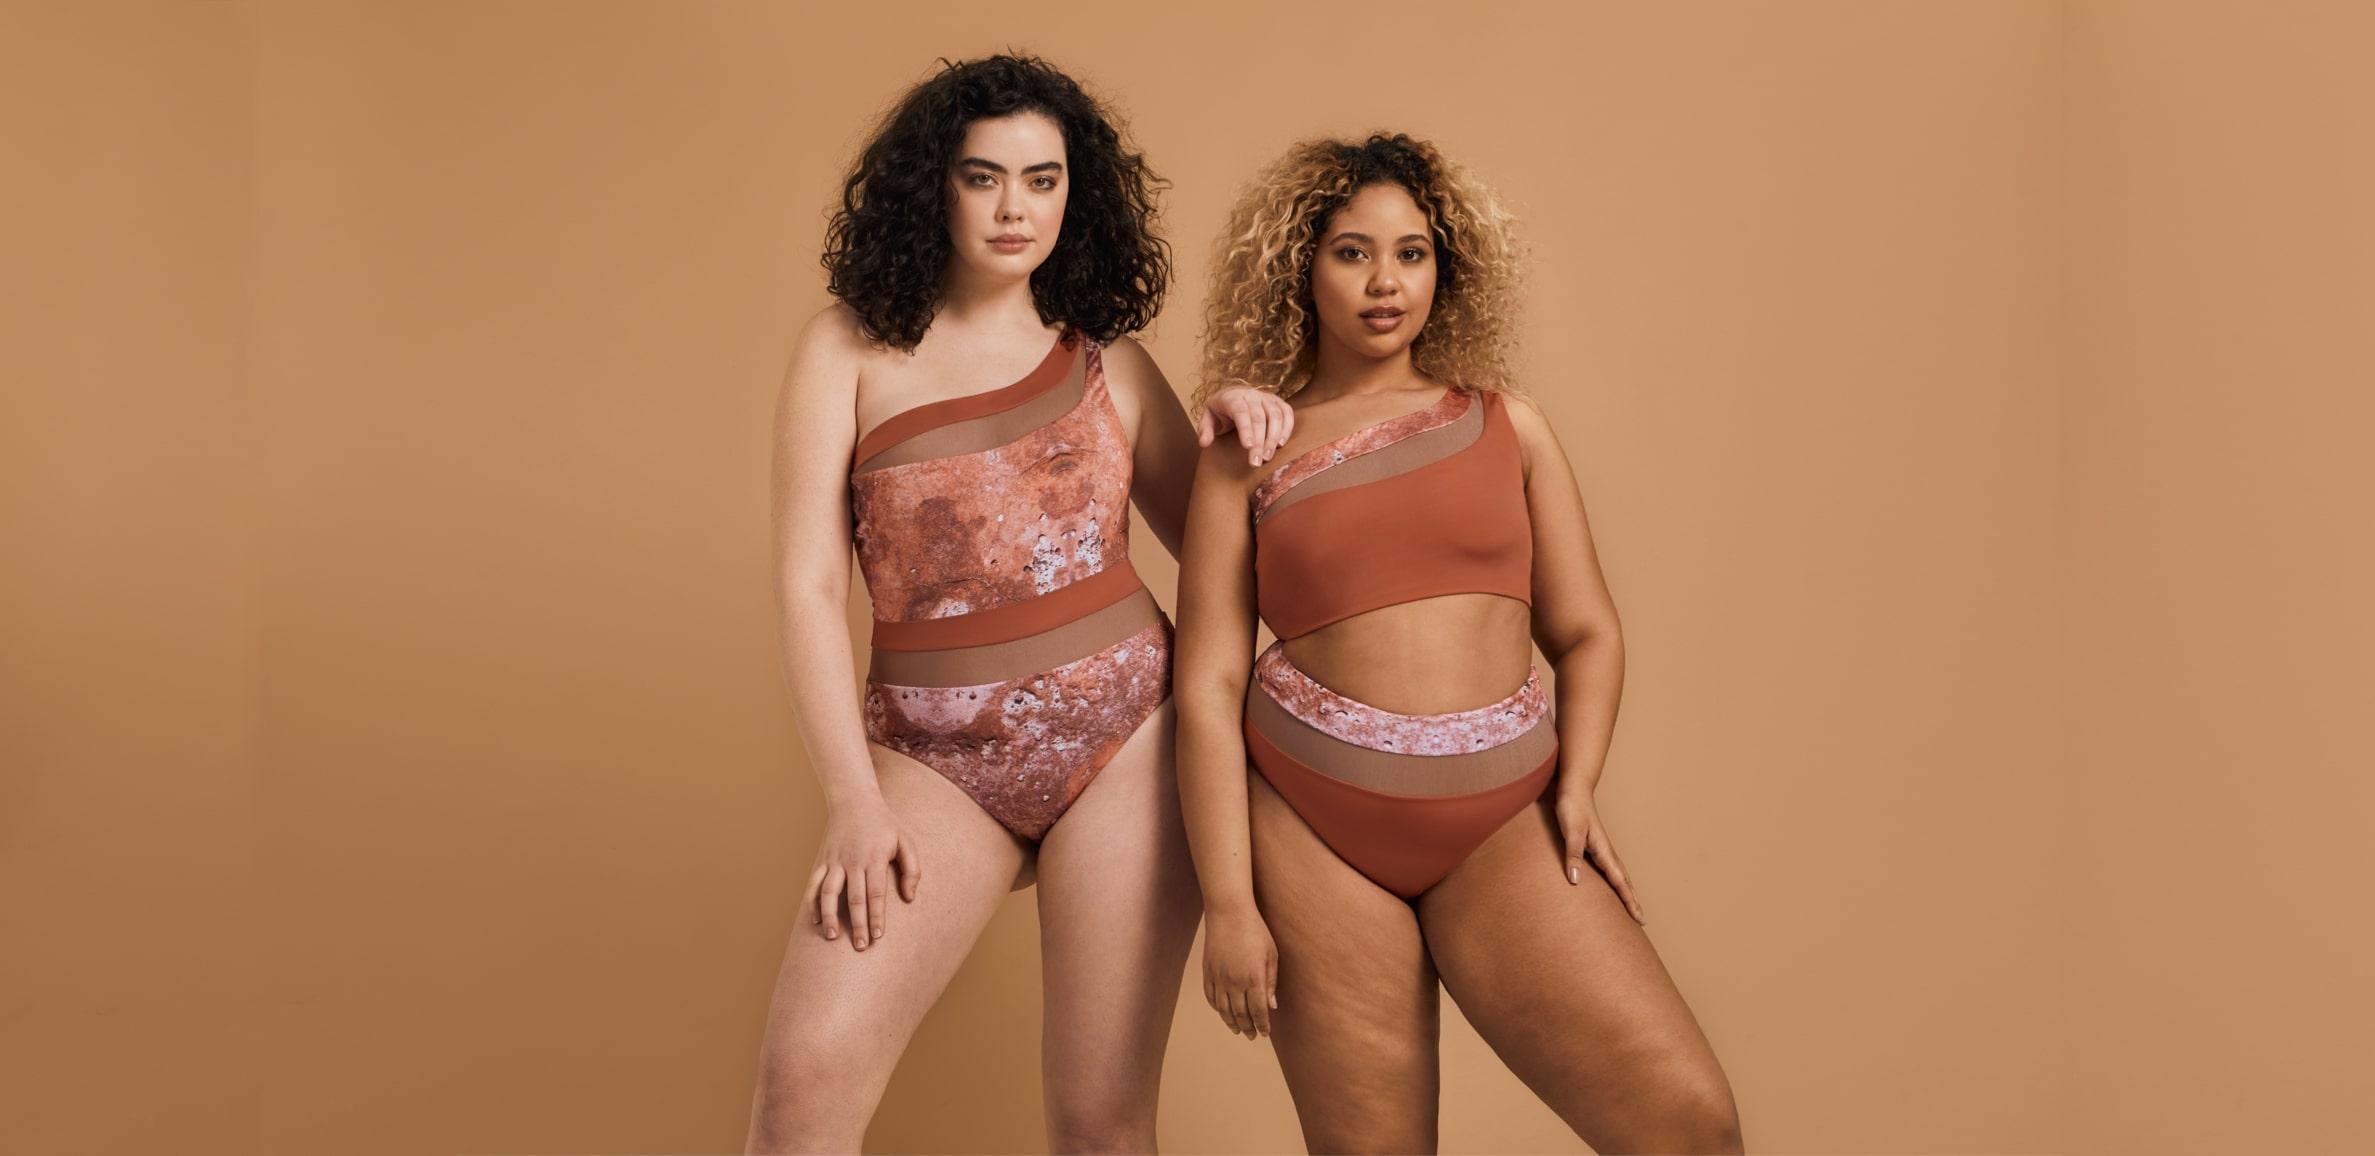 Size inclusive swimwear designer